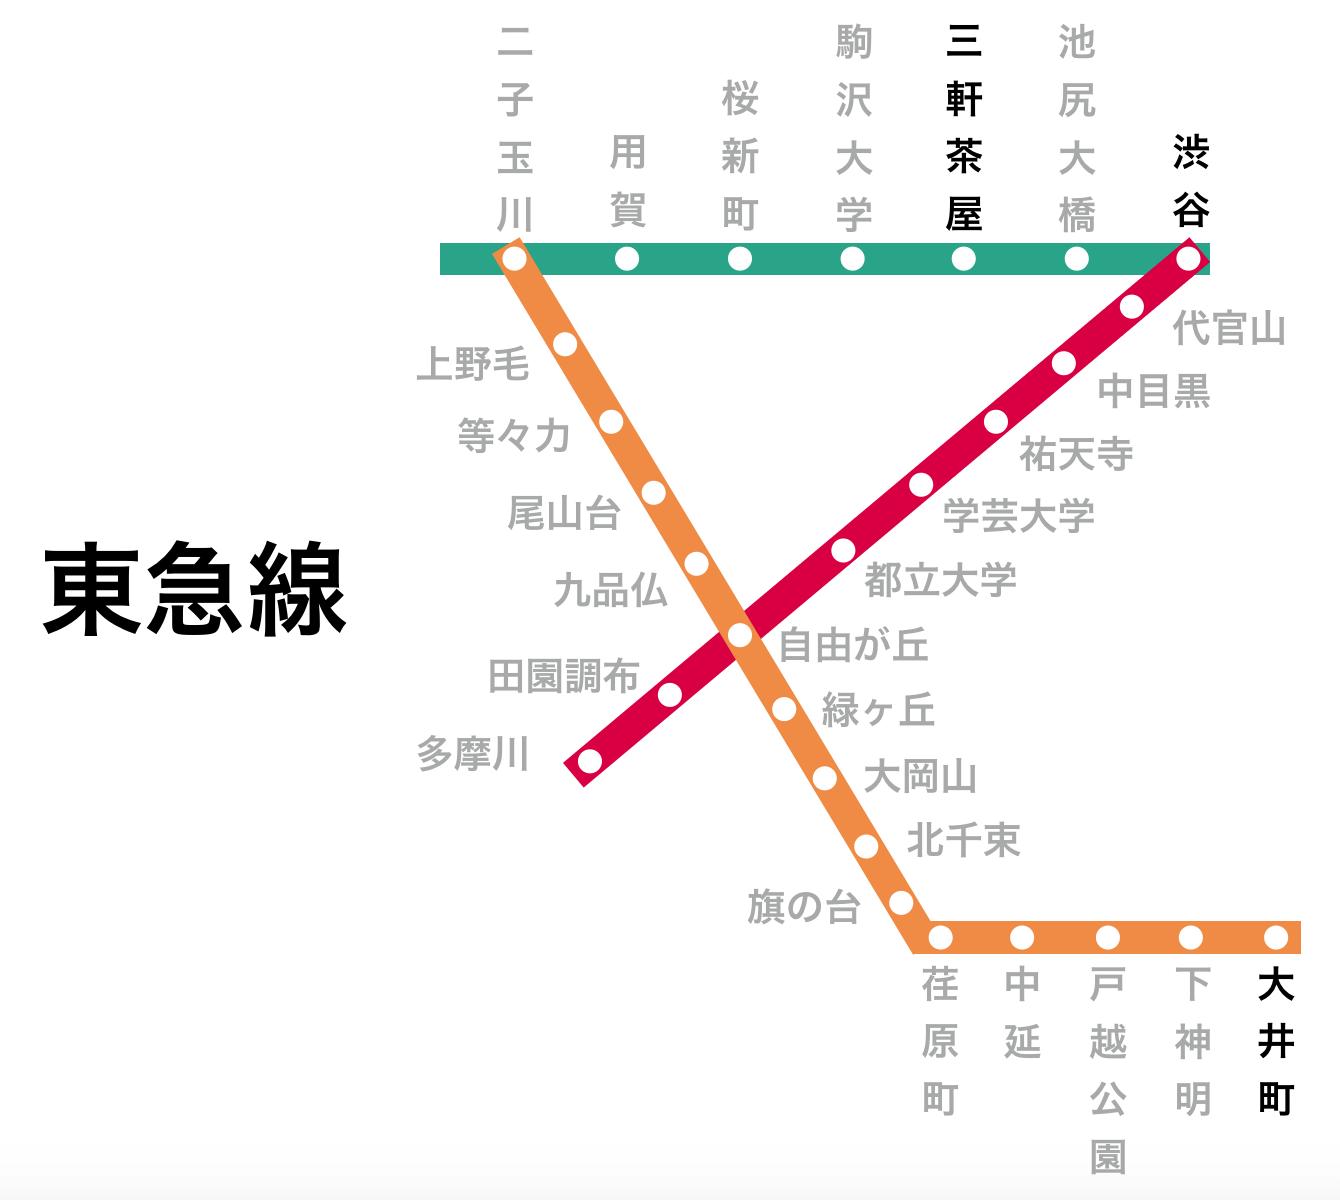 東急線の駅周辺にあるプロミス店舗・ATM